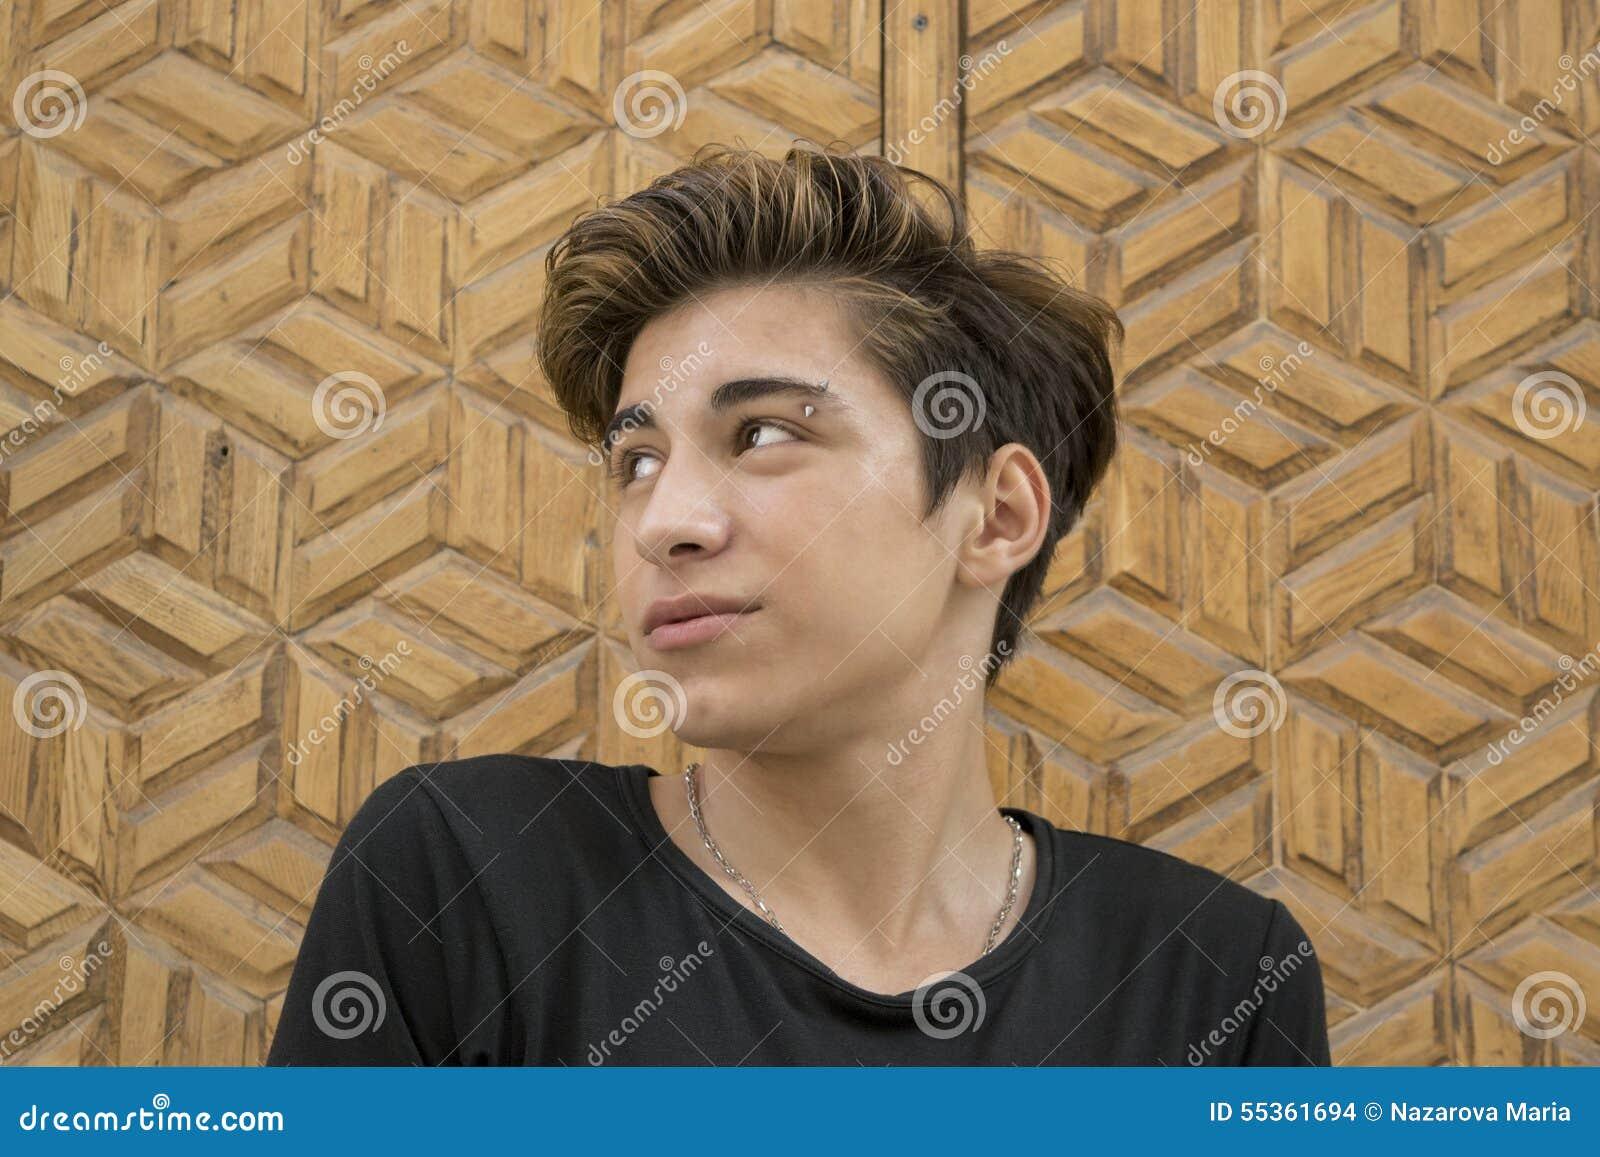 Teen Guy Stock Photo - Image: 55361694